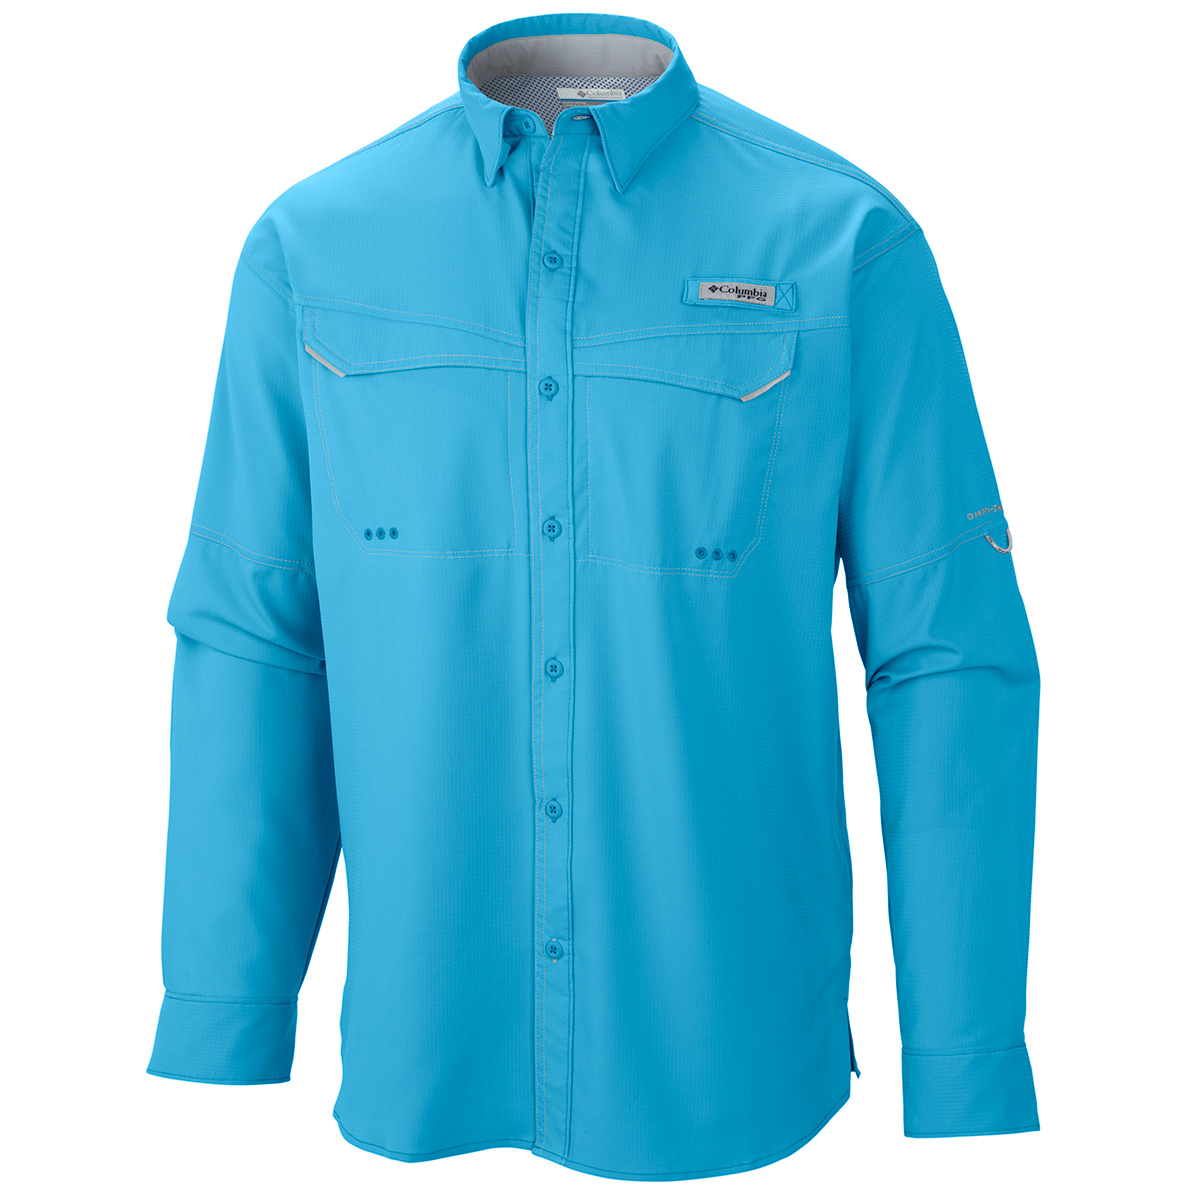 Columbia low drag offshore ls shirt fishing shirts ebay for Columbia cotton fishing shirt